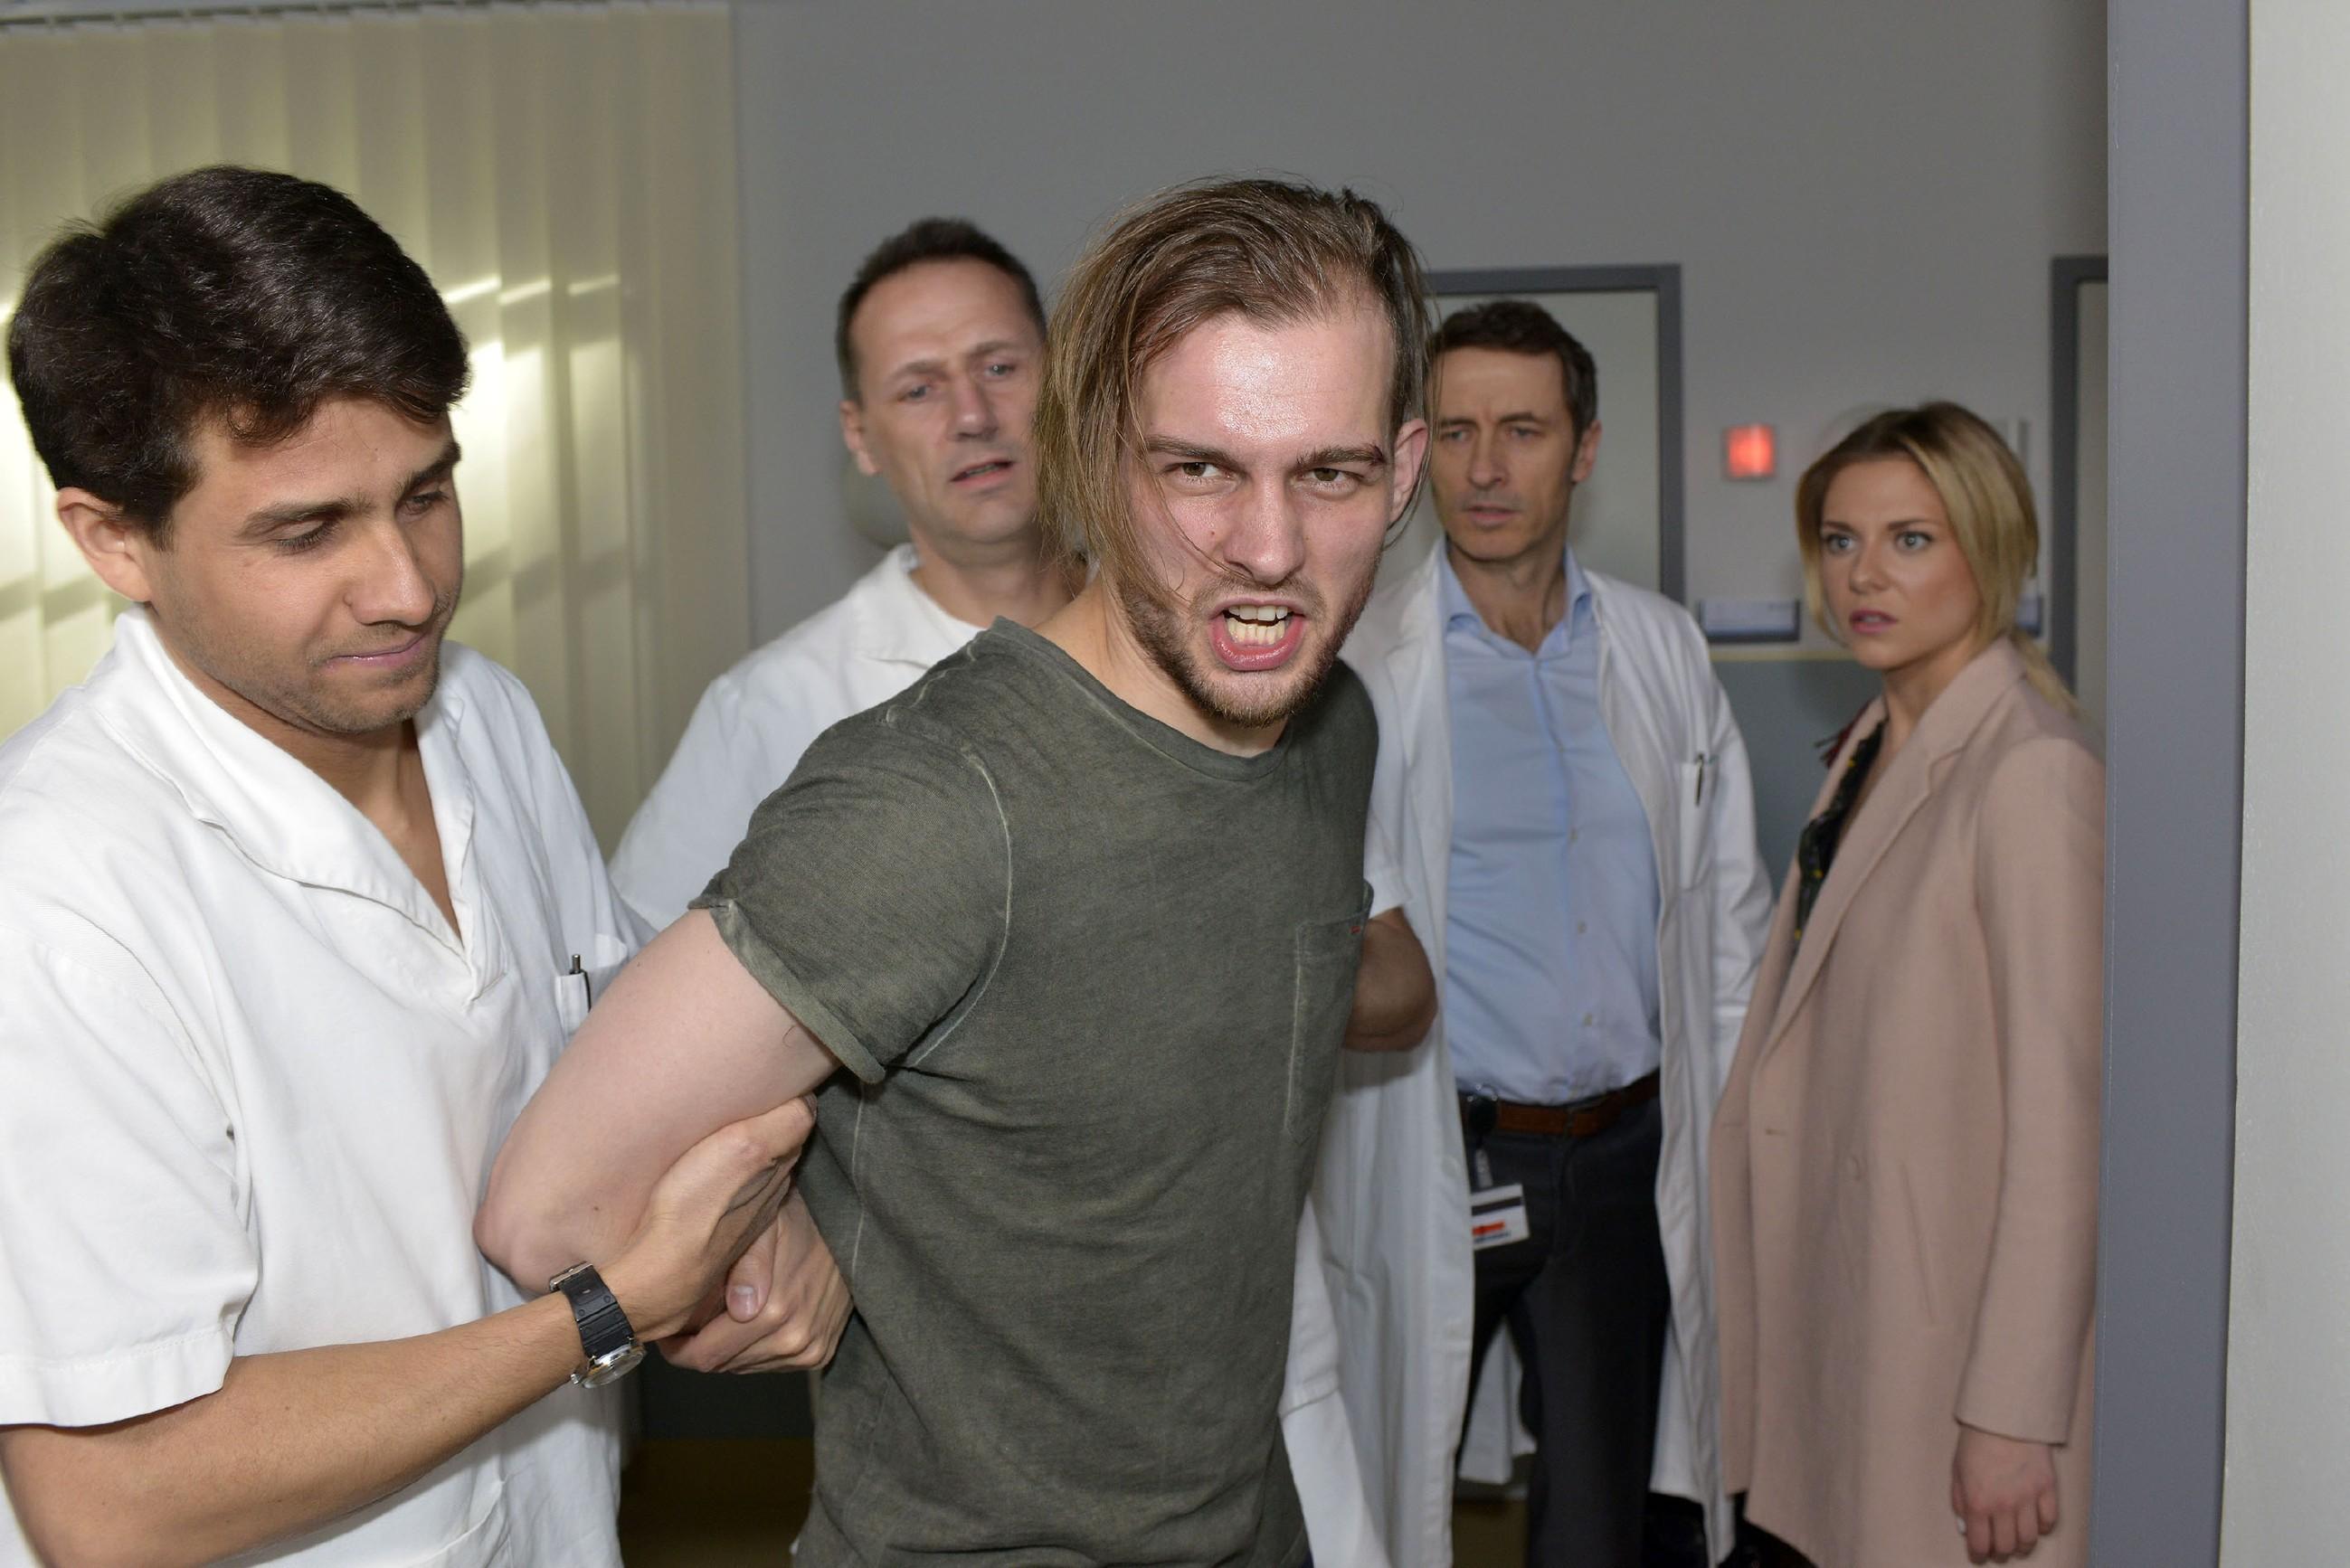 Sunny (Valentina Pahde, r.) wird Zeugin, wie Chris (Eric Stehfest, M.) in der Psychiatrie von Dr. Wolf (Guido Broscheit, 2.v.r.) und zwei Pflegern (Komparsen) ruhiggestellt wird. (Quelle: RTL / Rolf Baumgartner)